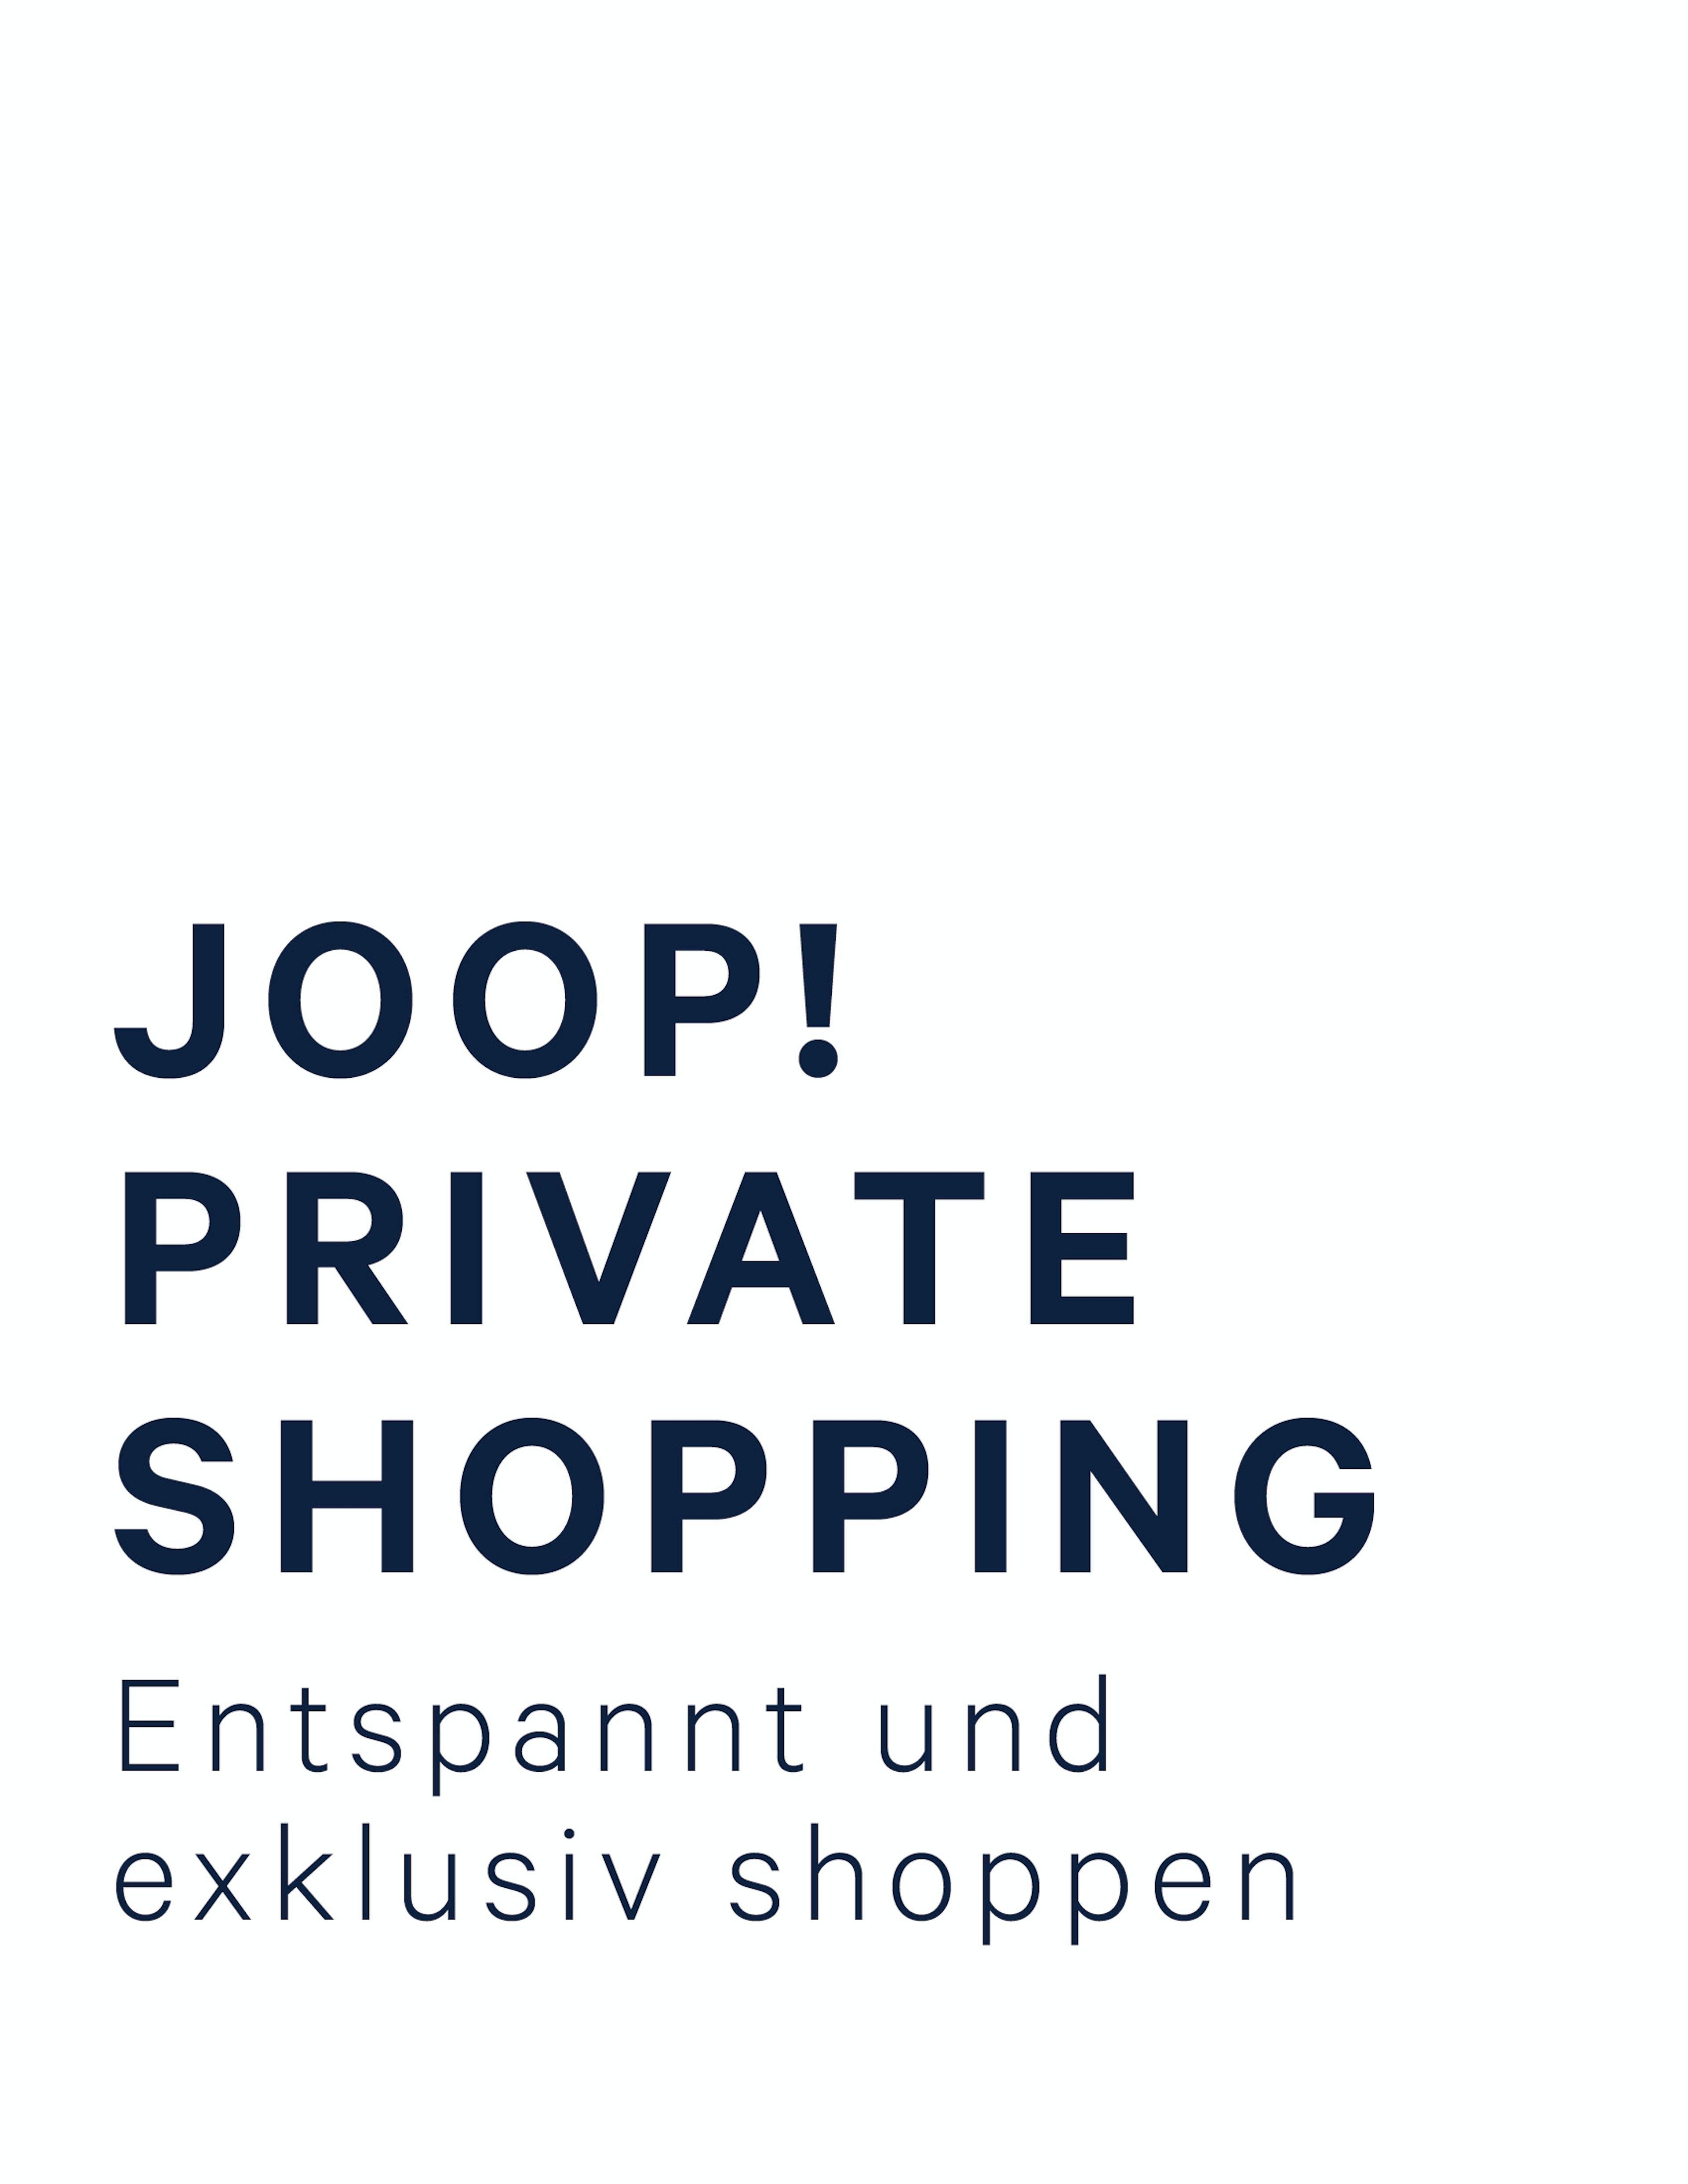 Exklusiv und entspannt shoppen